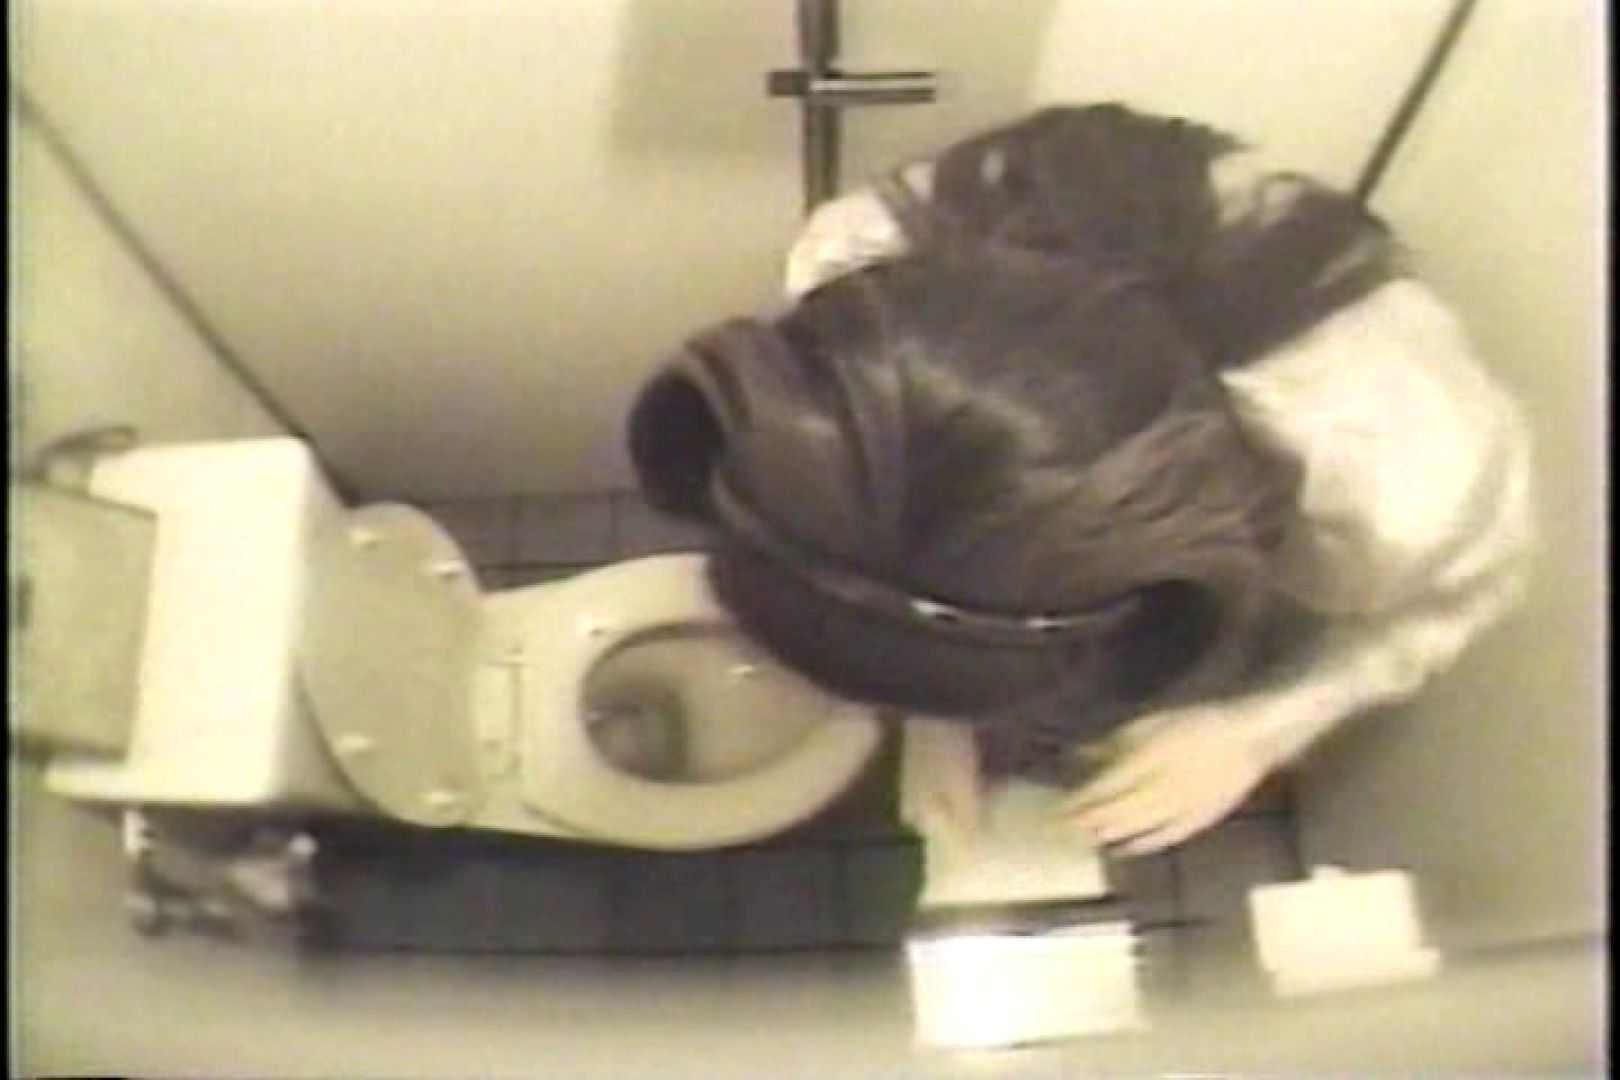 盗撮 女子洗面所3ヶ所入ってしゃがんで音出して プライベート  67pic 60